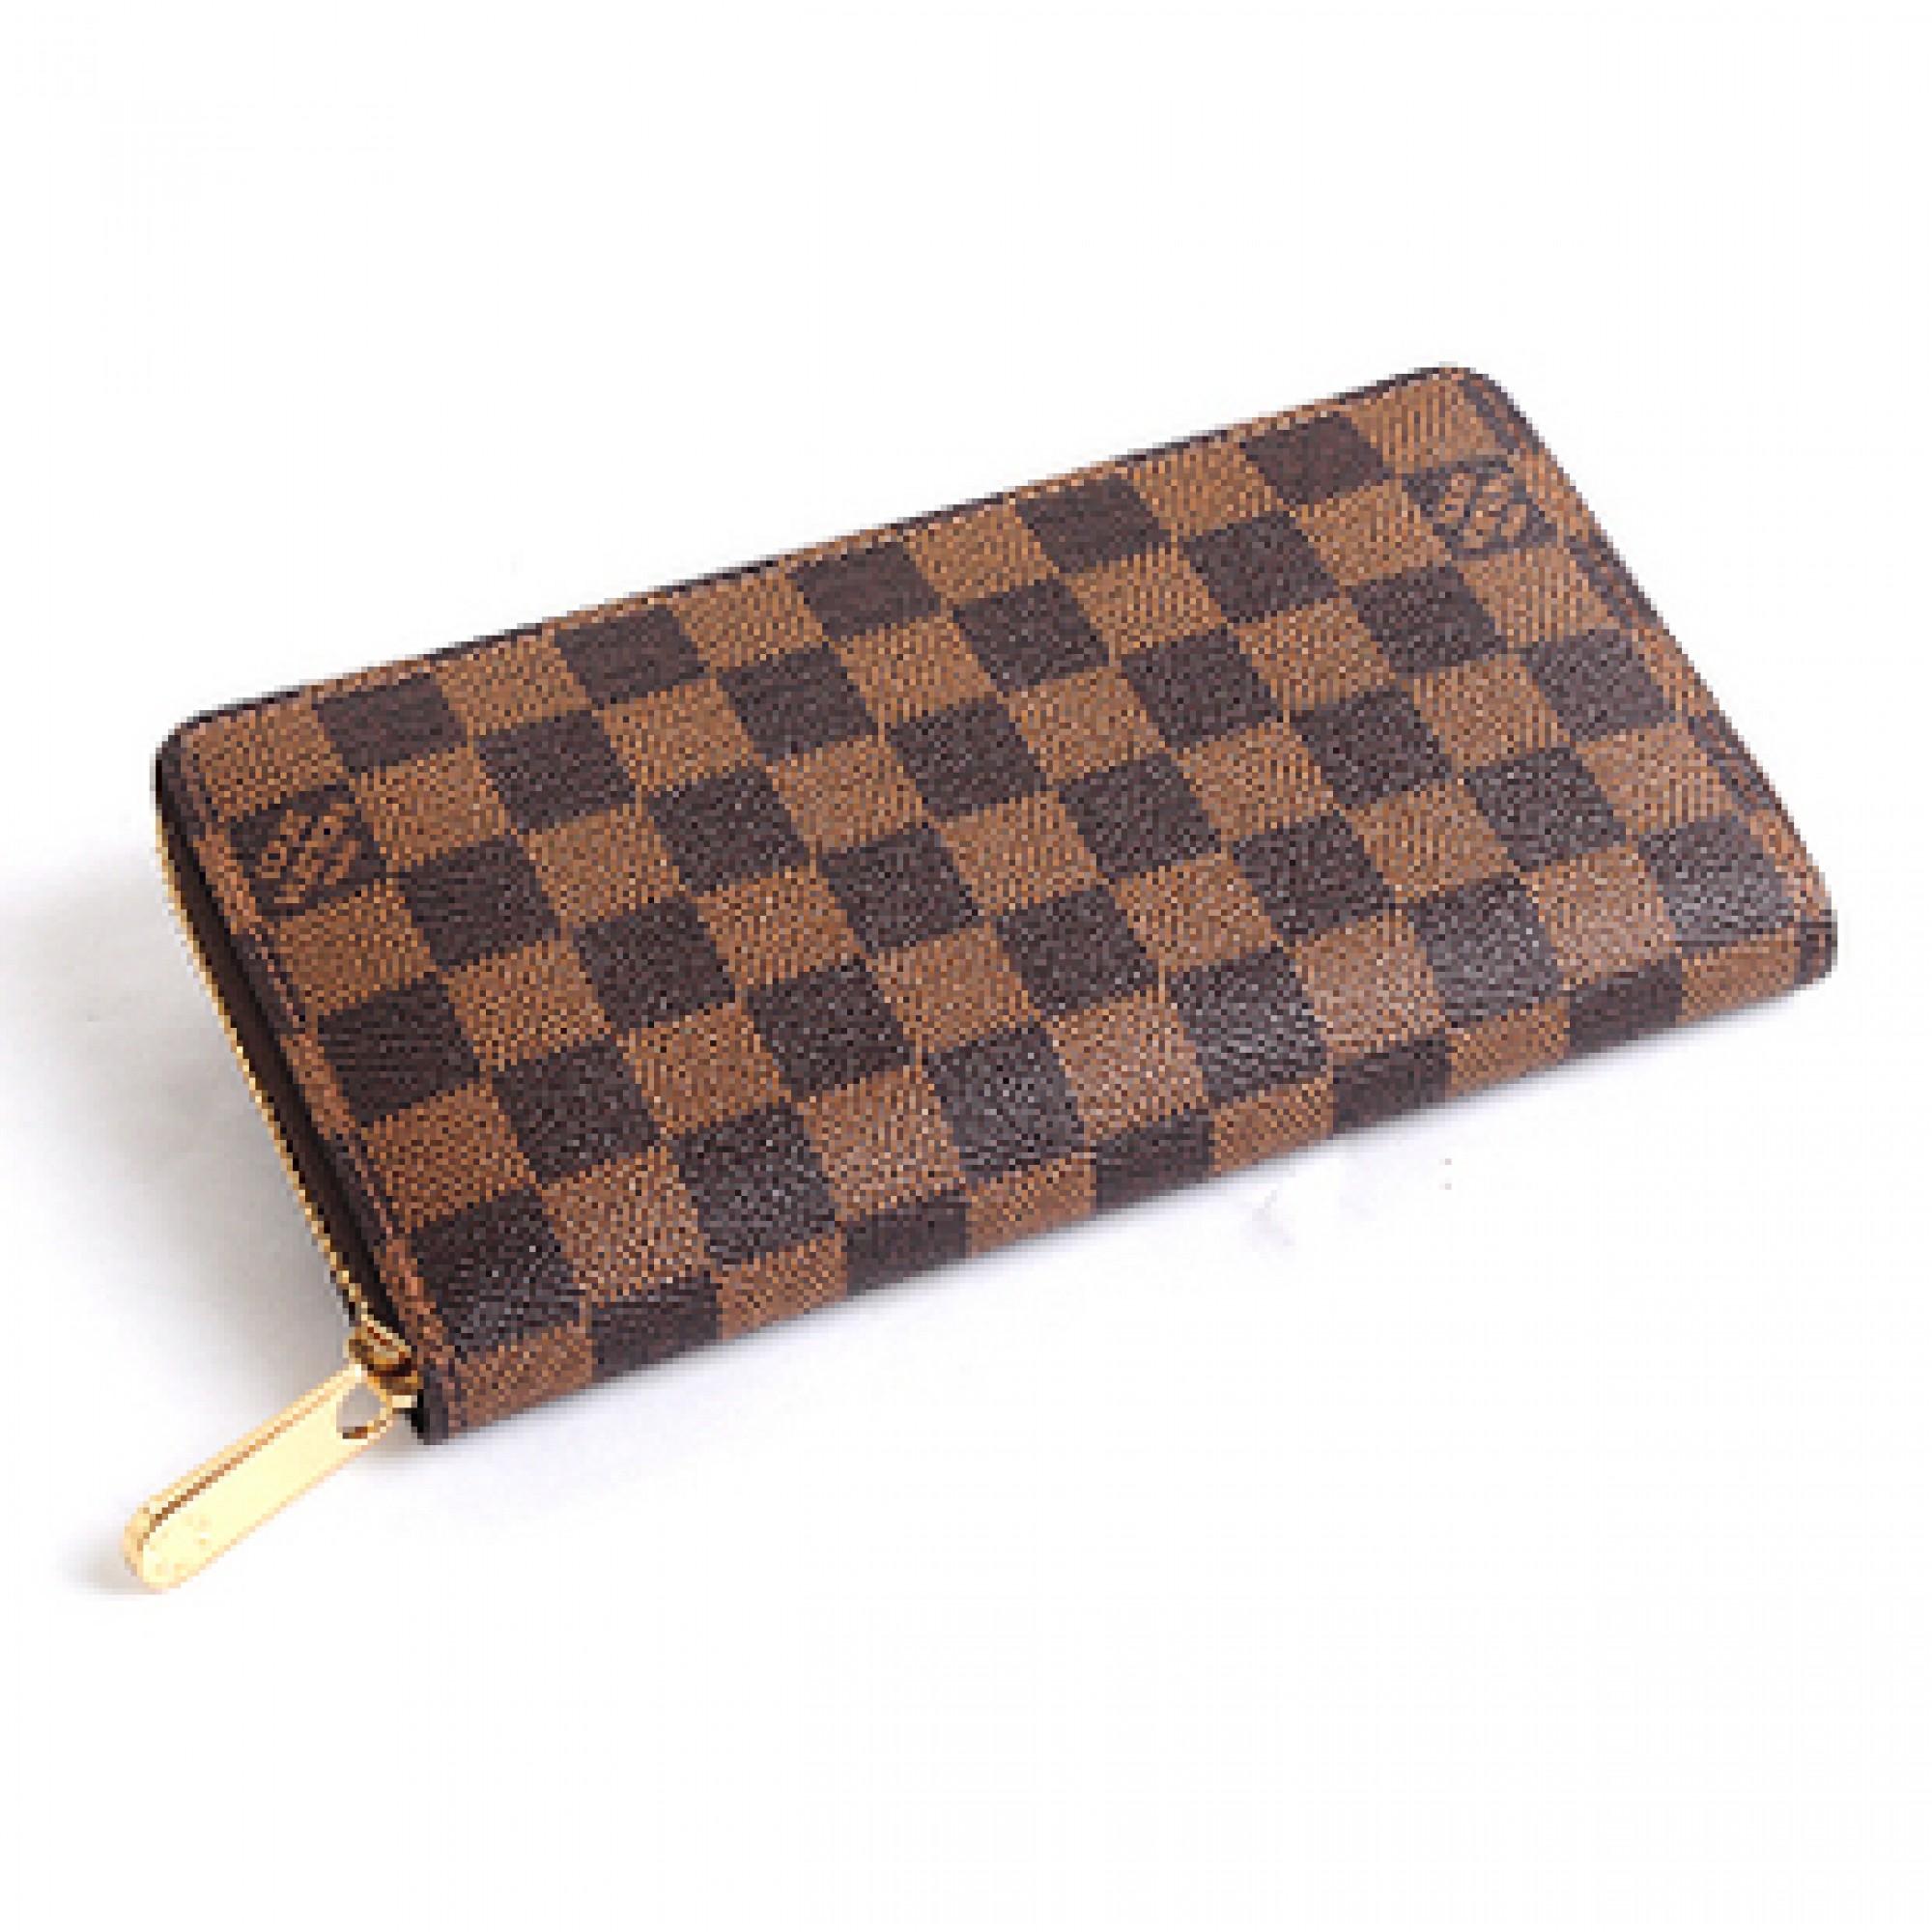 842577bdce99 Купить кошелек мужской от Louis Vuitton — в Киеве, код товара 5666